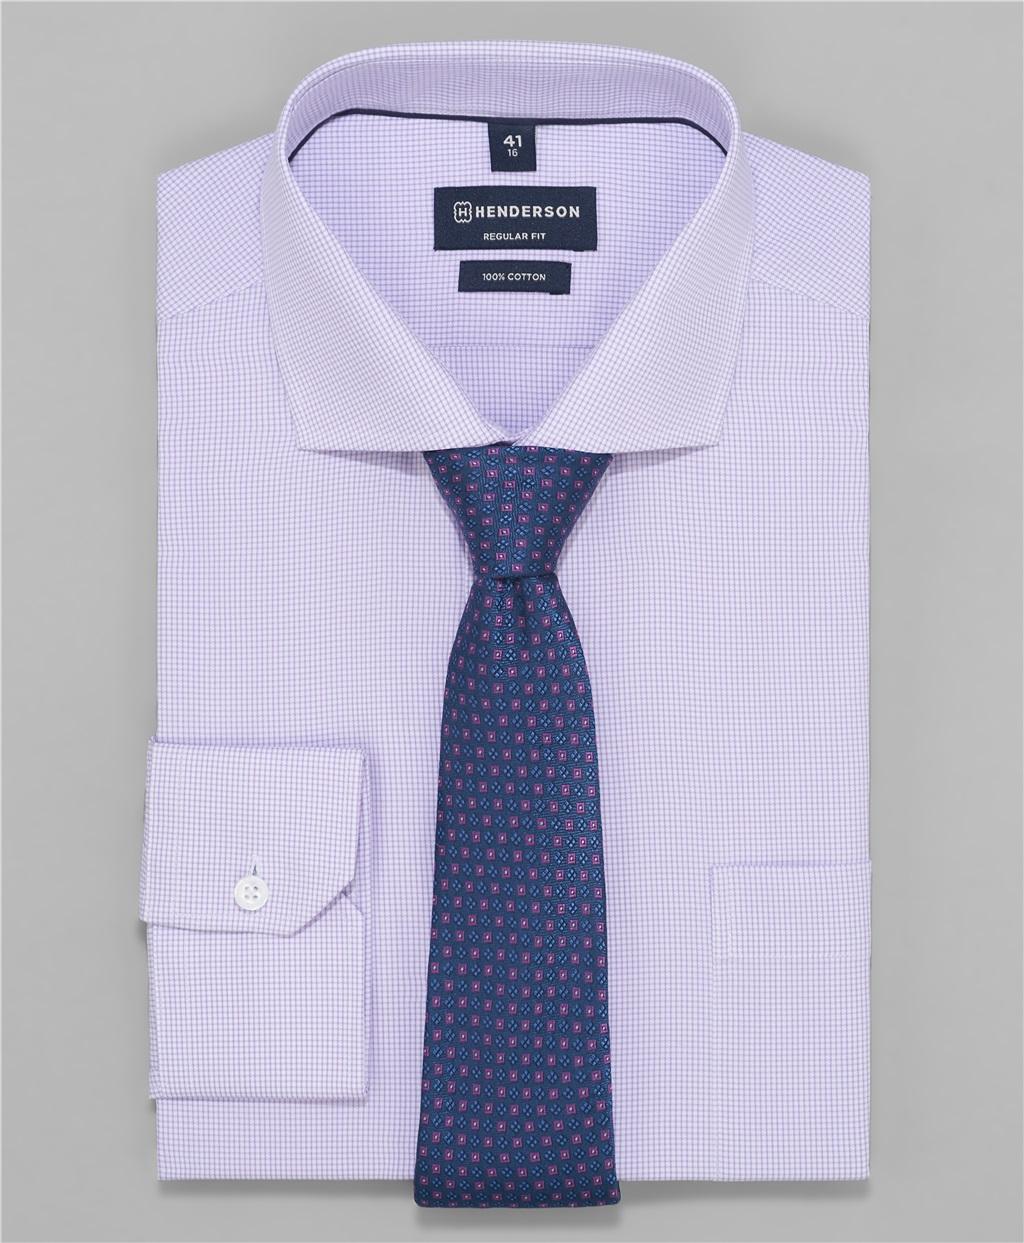 Рубашка мужская HENDERSON SHL-1385 фиолетовая 45 - NN фото